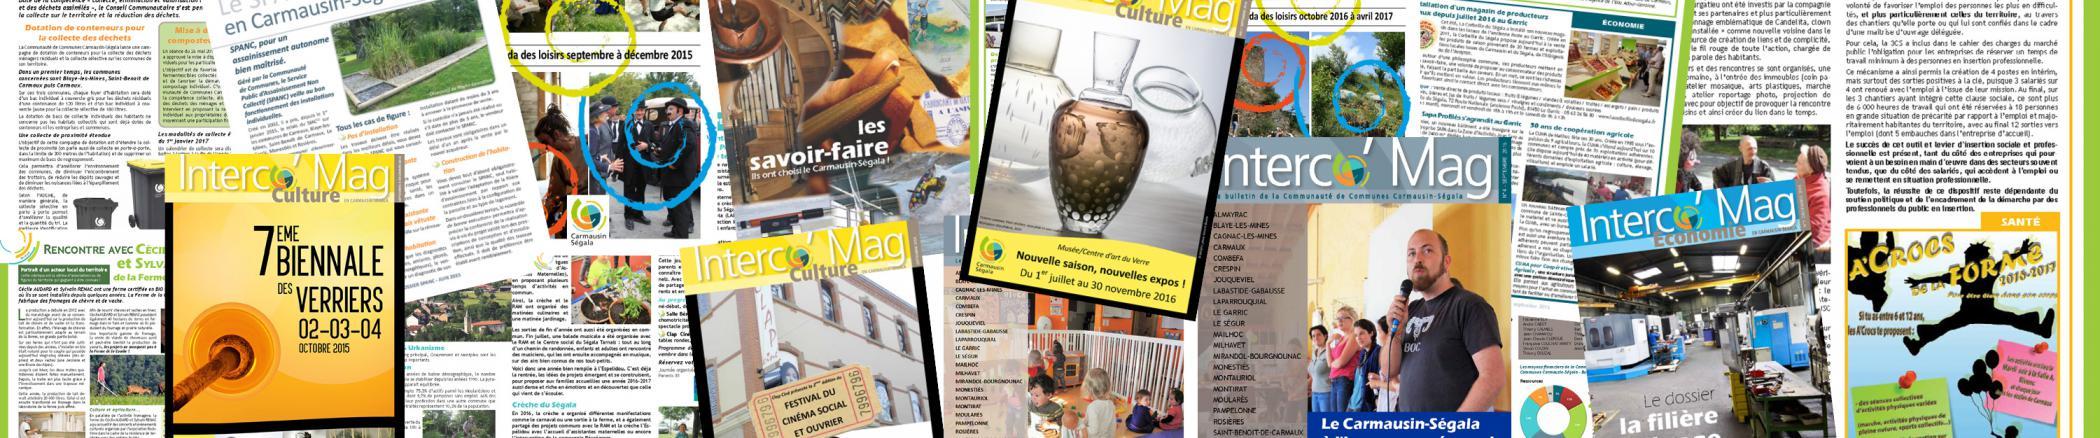 Interco'Mag, toutes les publications de la Communauté de Communes